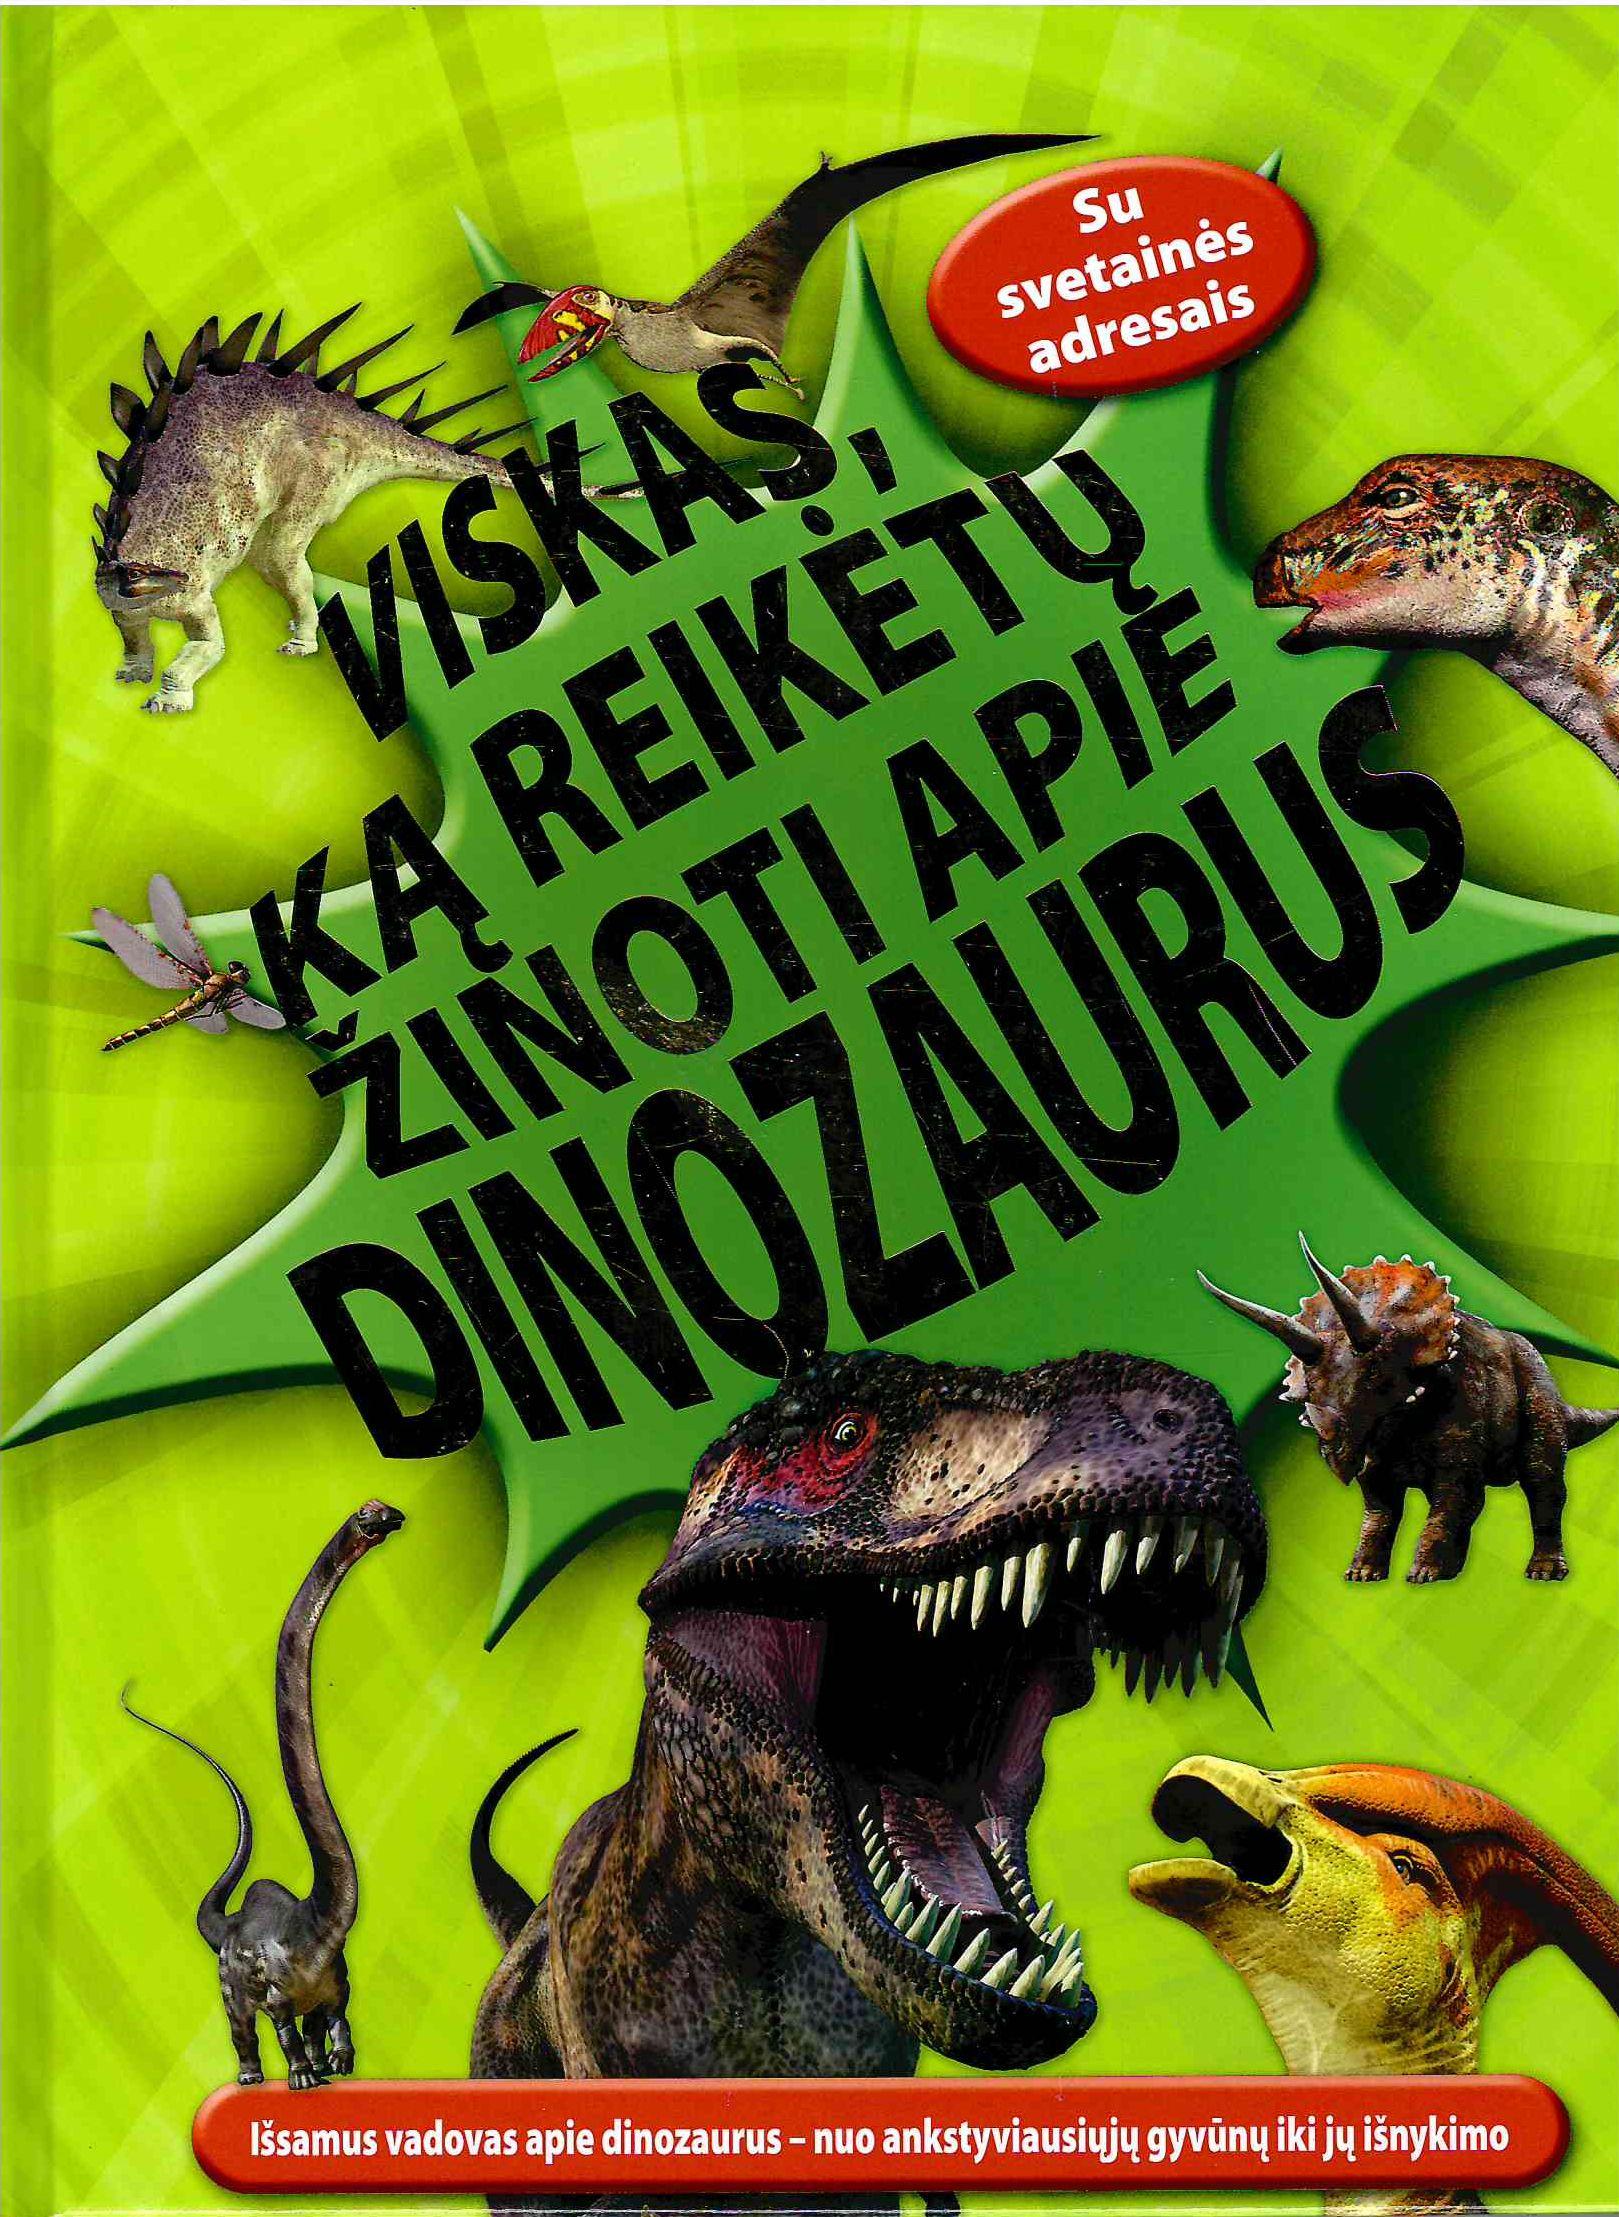 Viskas, ką reikėtų žinoti apie dinozaurus